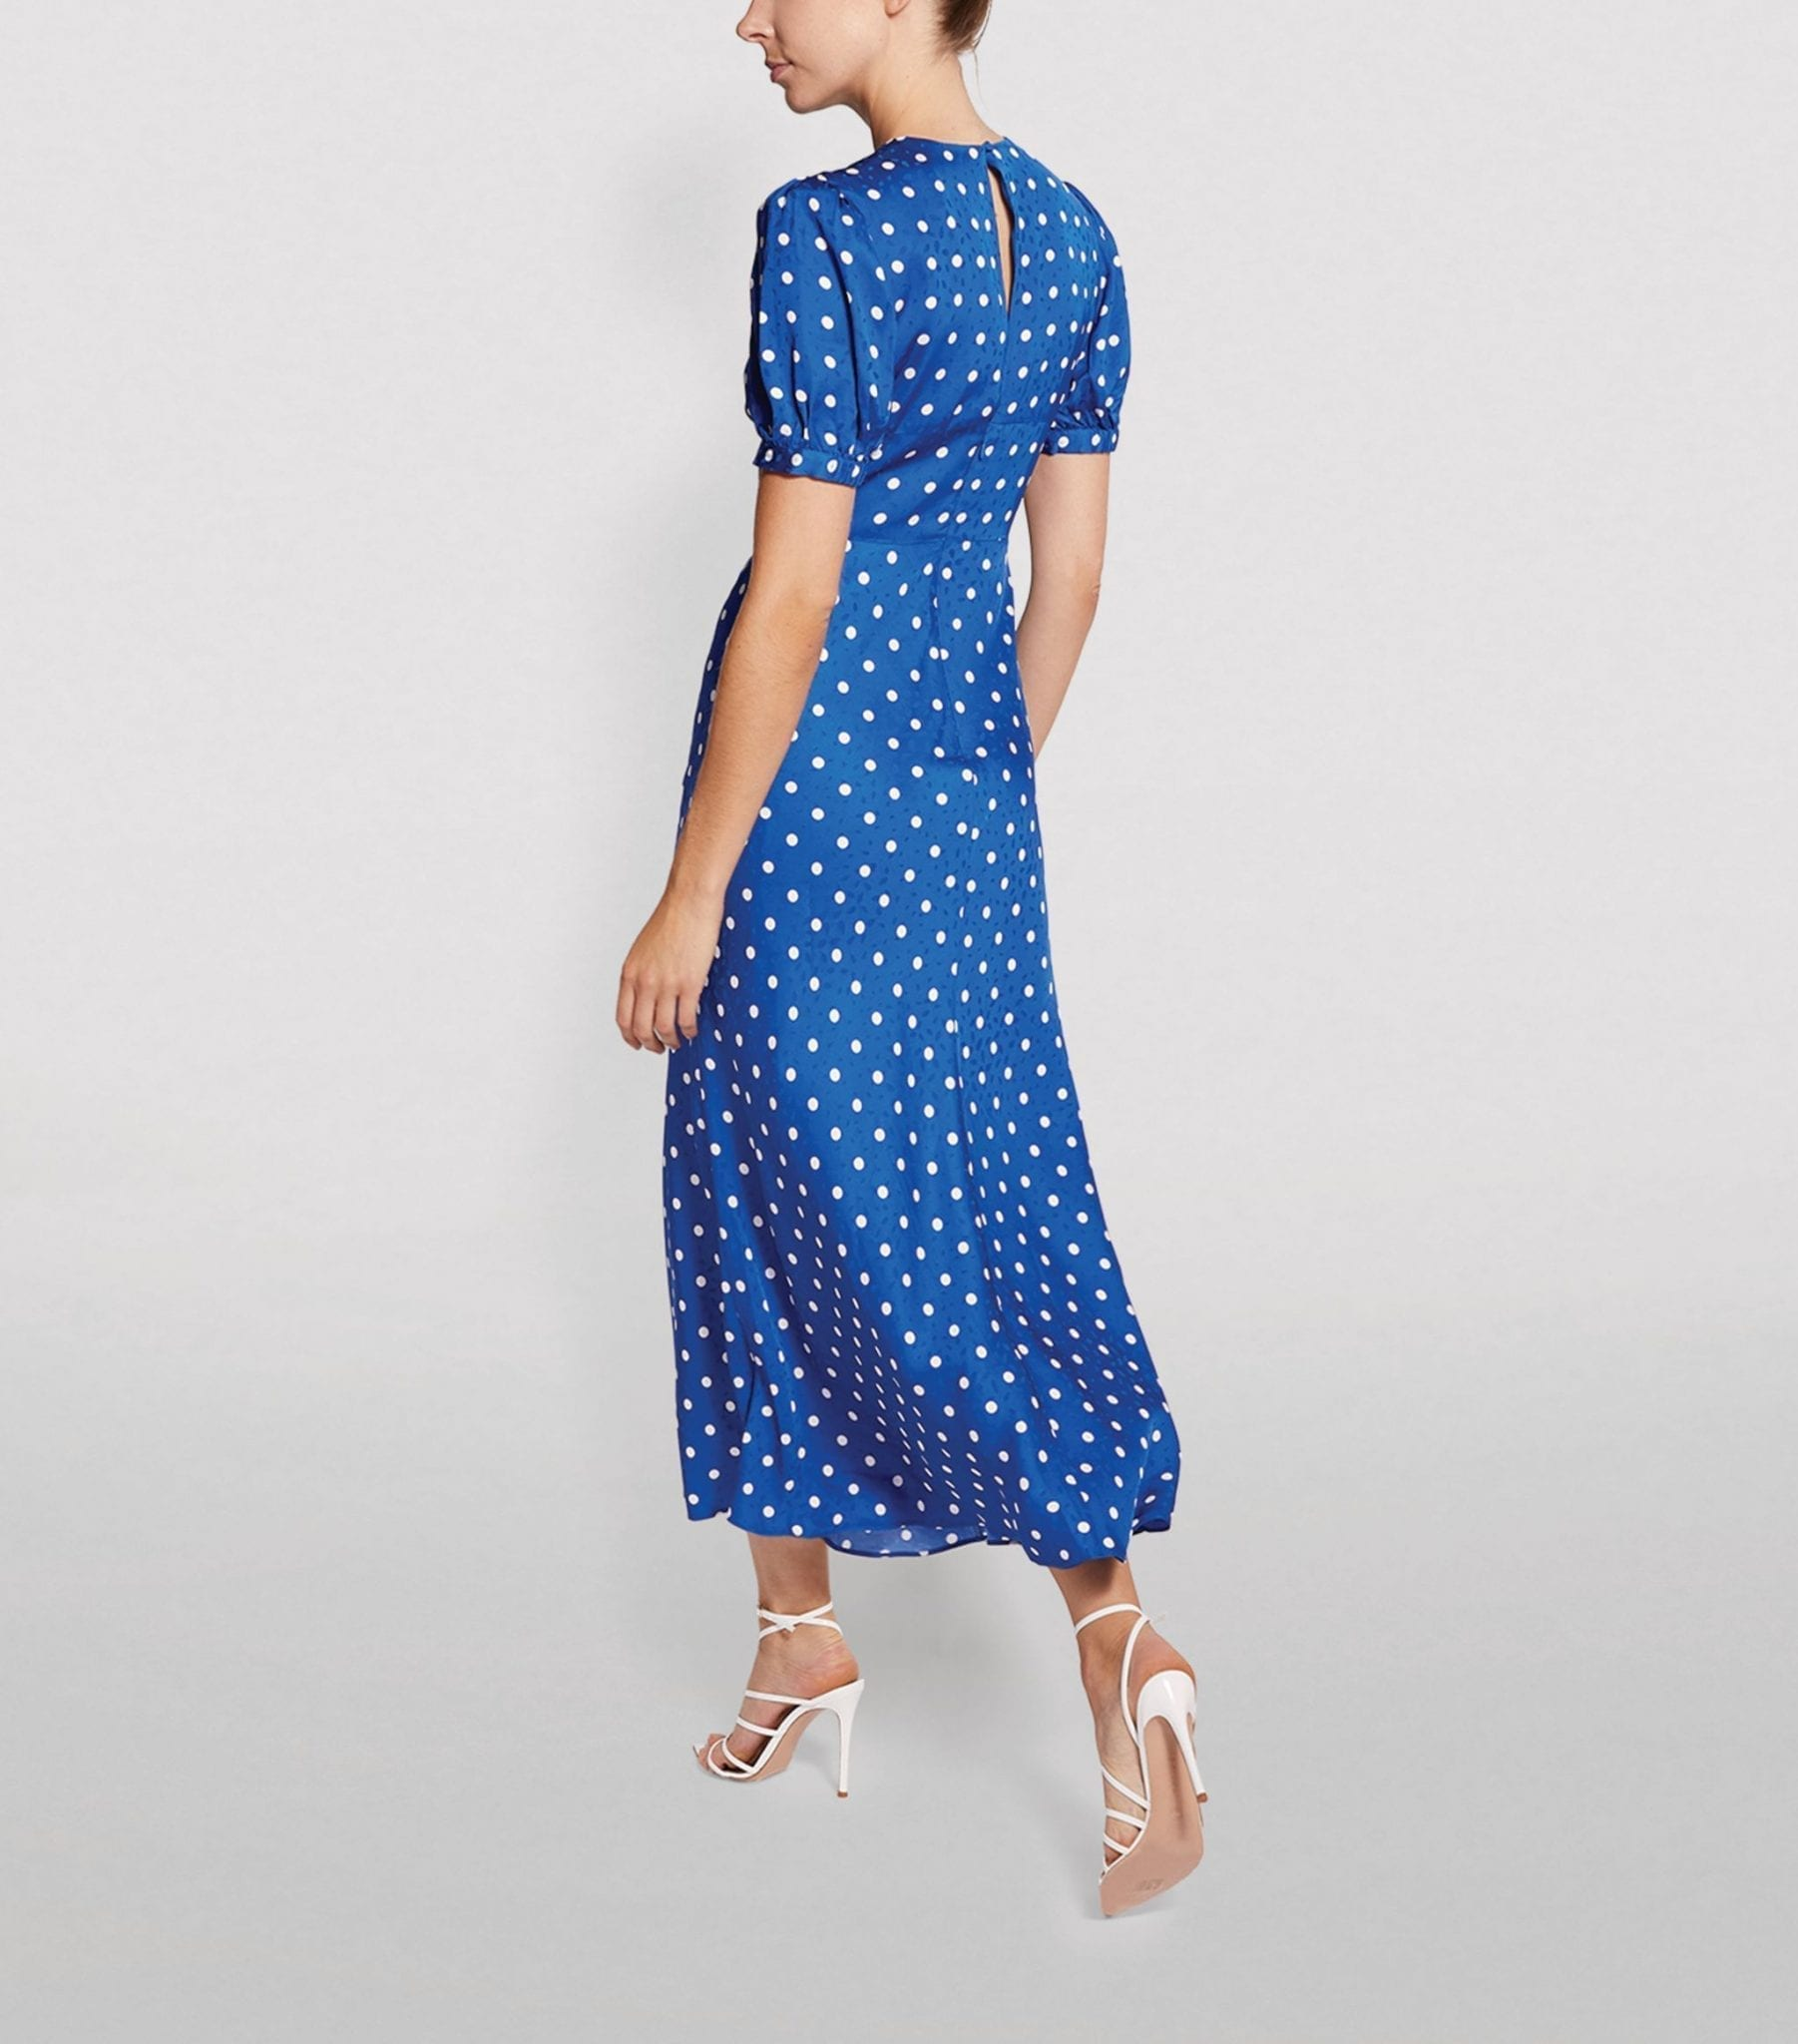 SELF-PORTRAIT Polka-Dot Midi Dress